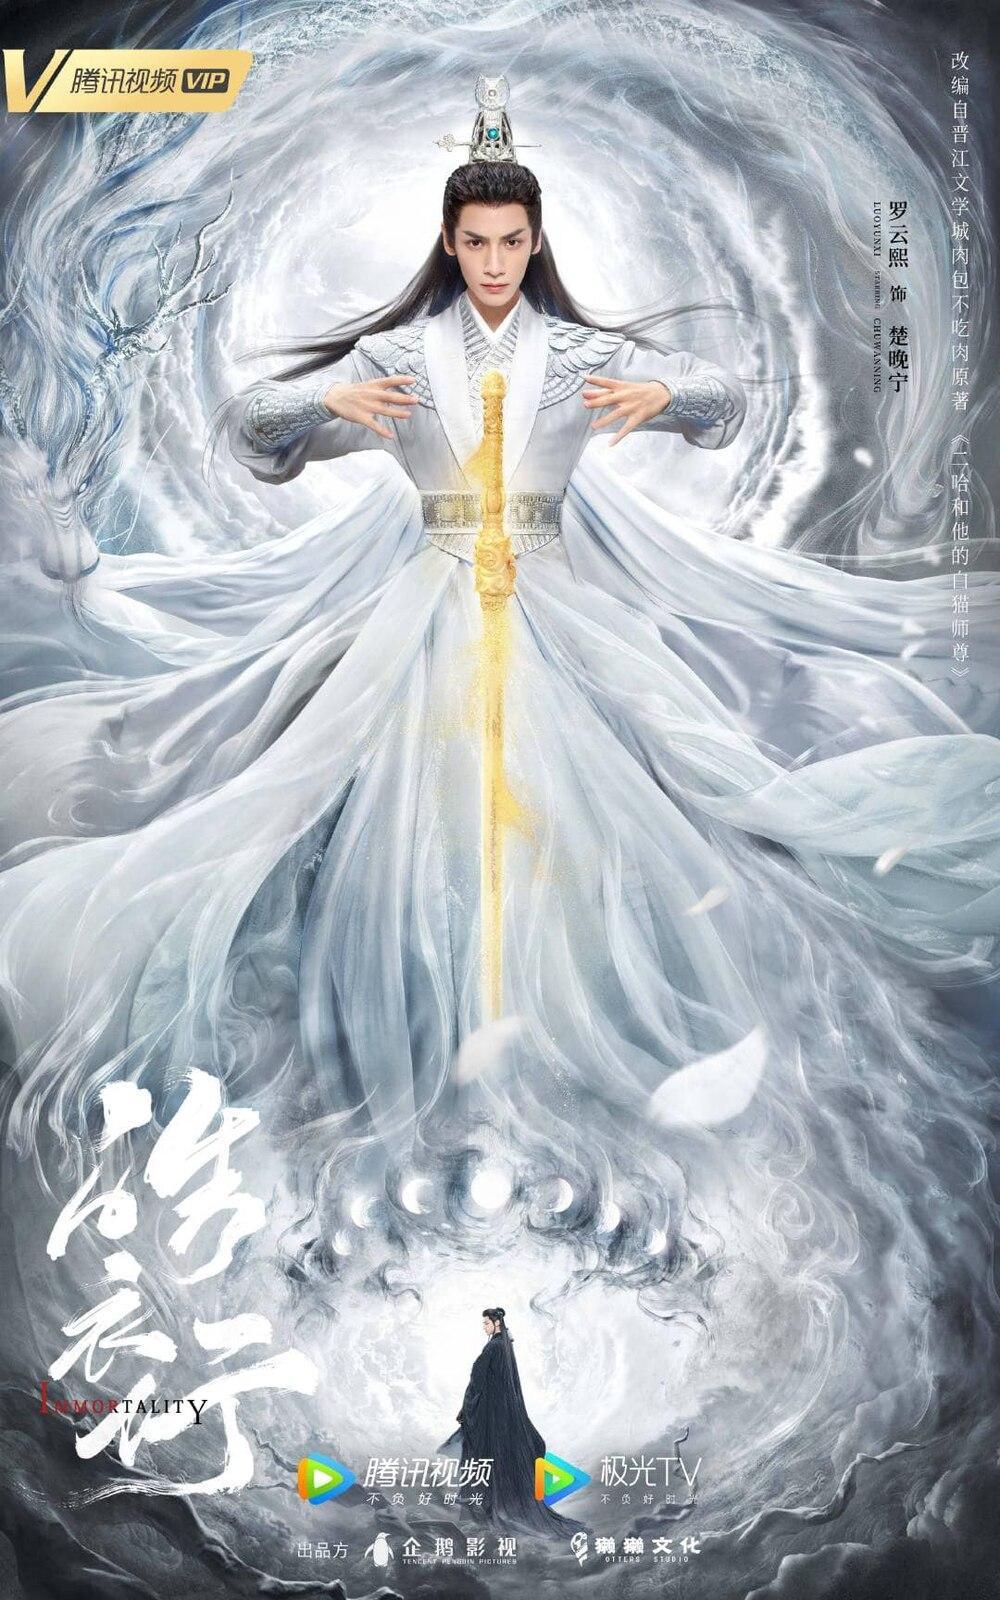 Dân mạng phát sốt với hình ảnh thân mật của La Vân Hi - Trần Phi Vũ trong hậu trường 'Hạo y hành' Ảnh 4